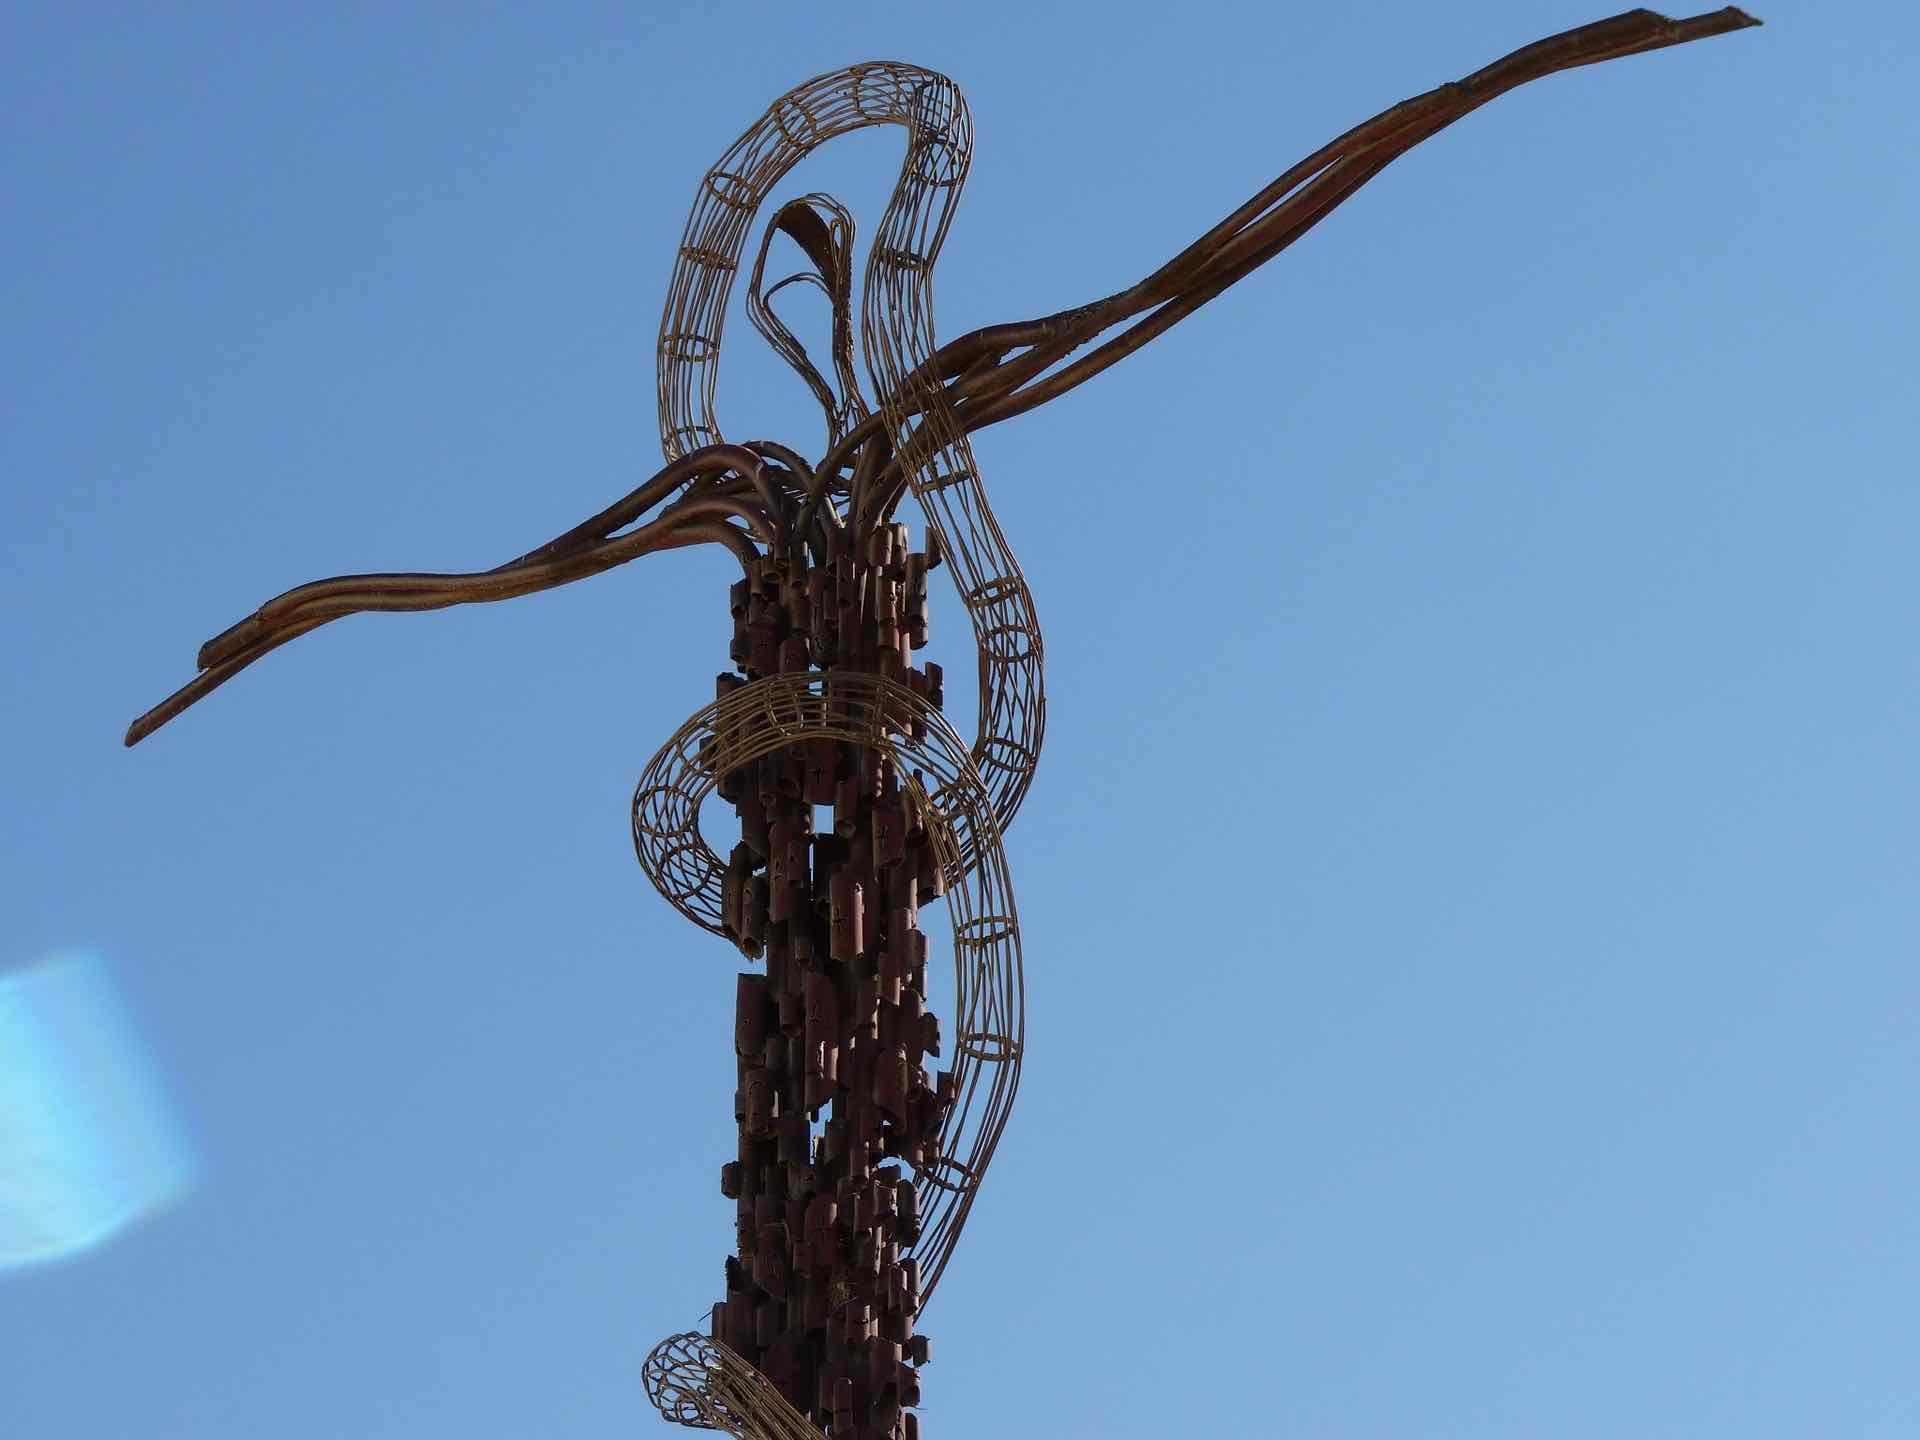 ….Croix sur le mont Nébo, sommet de 817 mètres, situé dans l'Ouest de la Jordanie. .. Cross on Mount Nebo, top of 817 meters, located in West Jordan. ….